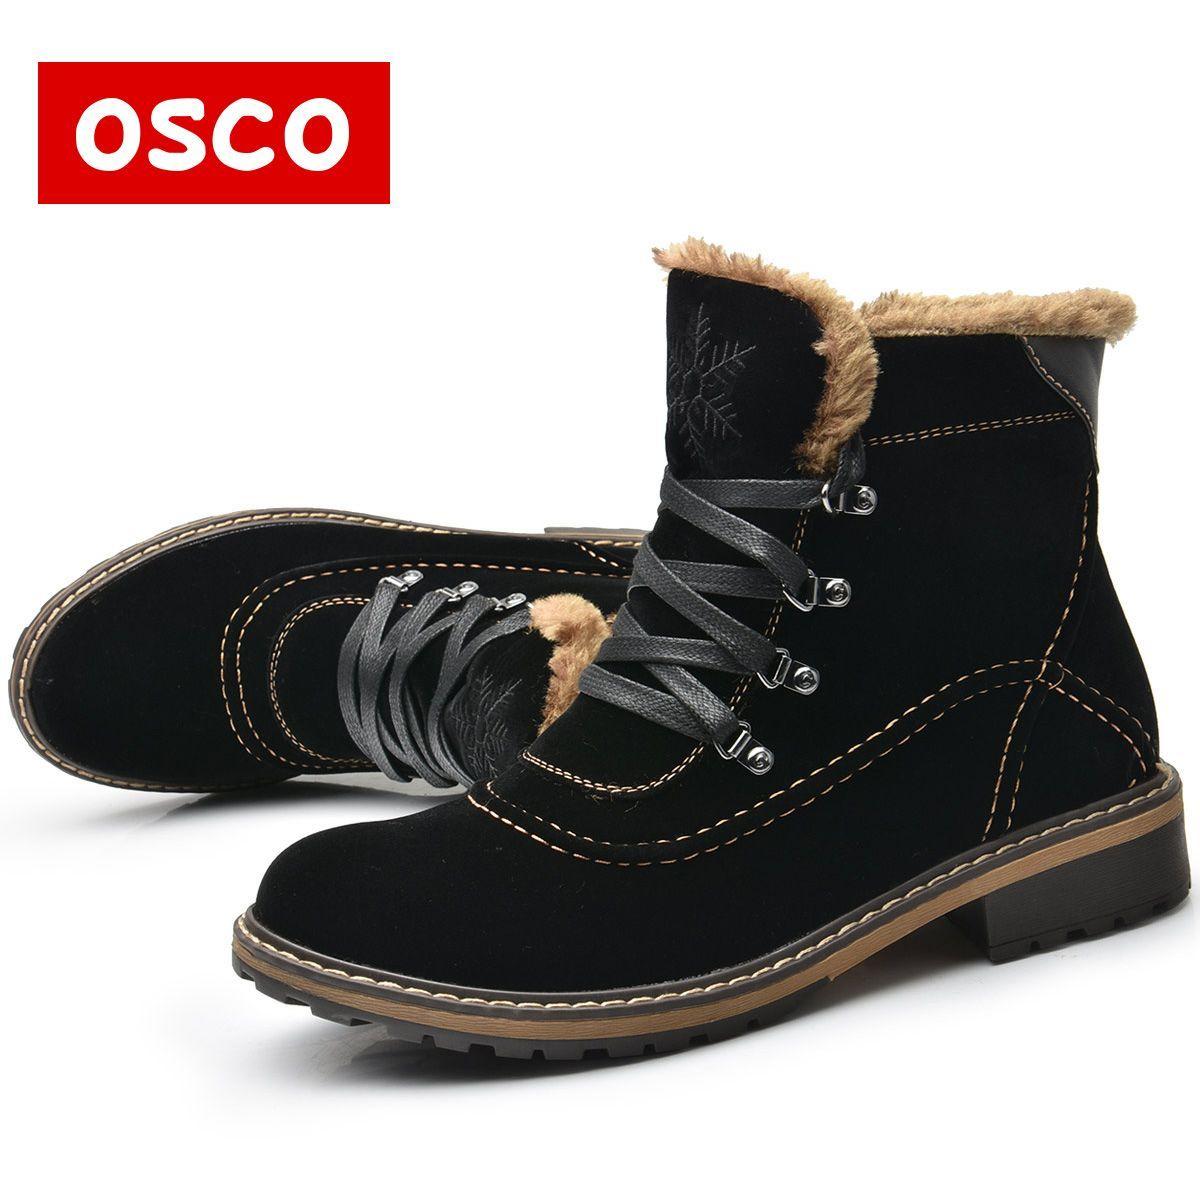 31 81 Osco Buty Damskie Buty Zimowe Buty Damskie Cieple Buty Sniegowe Moda Zamszowe Buty Futro Czarny B Fur Ankle Boots Winter Shoes For Women Womens Boots